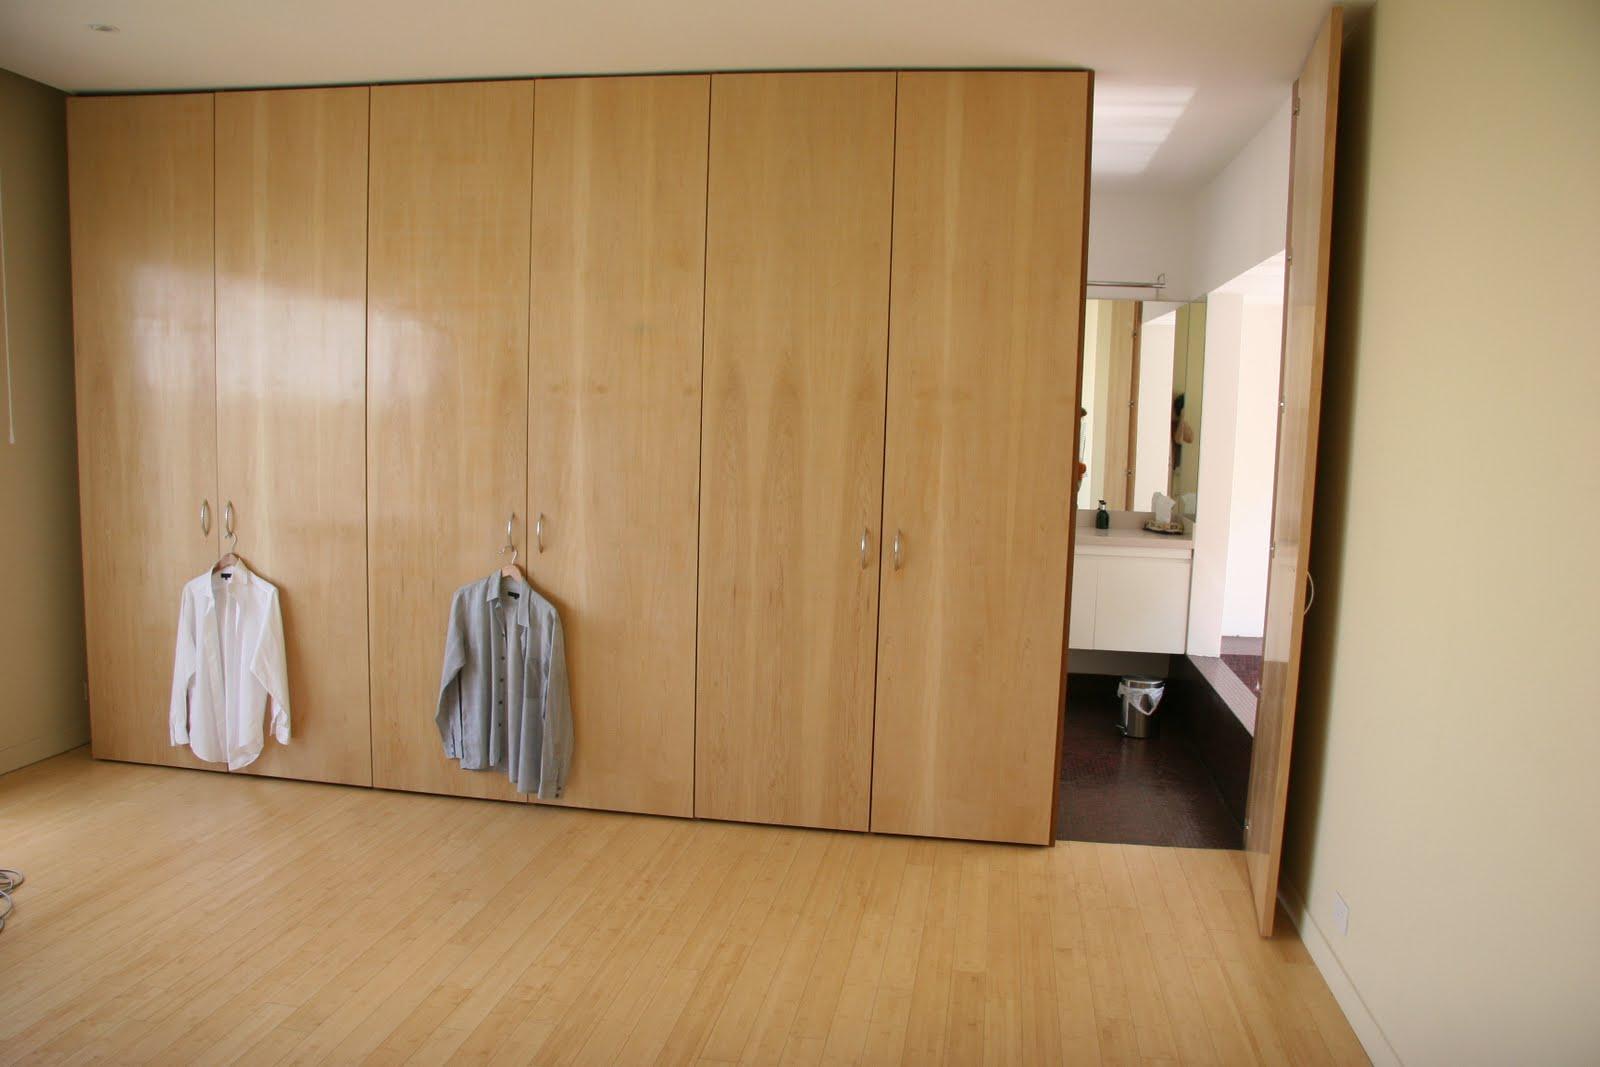 Medidas Baño En Suite:PLACARD Y ACCESO A BAÑO EN SUITE